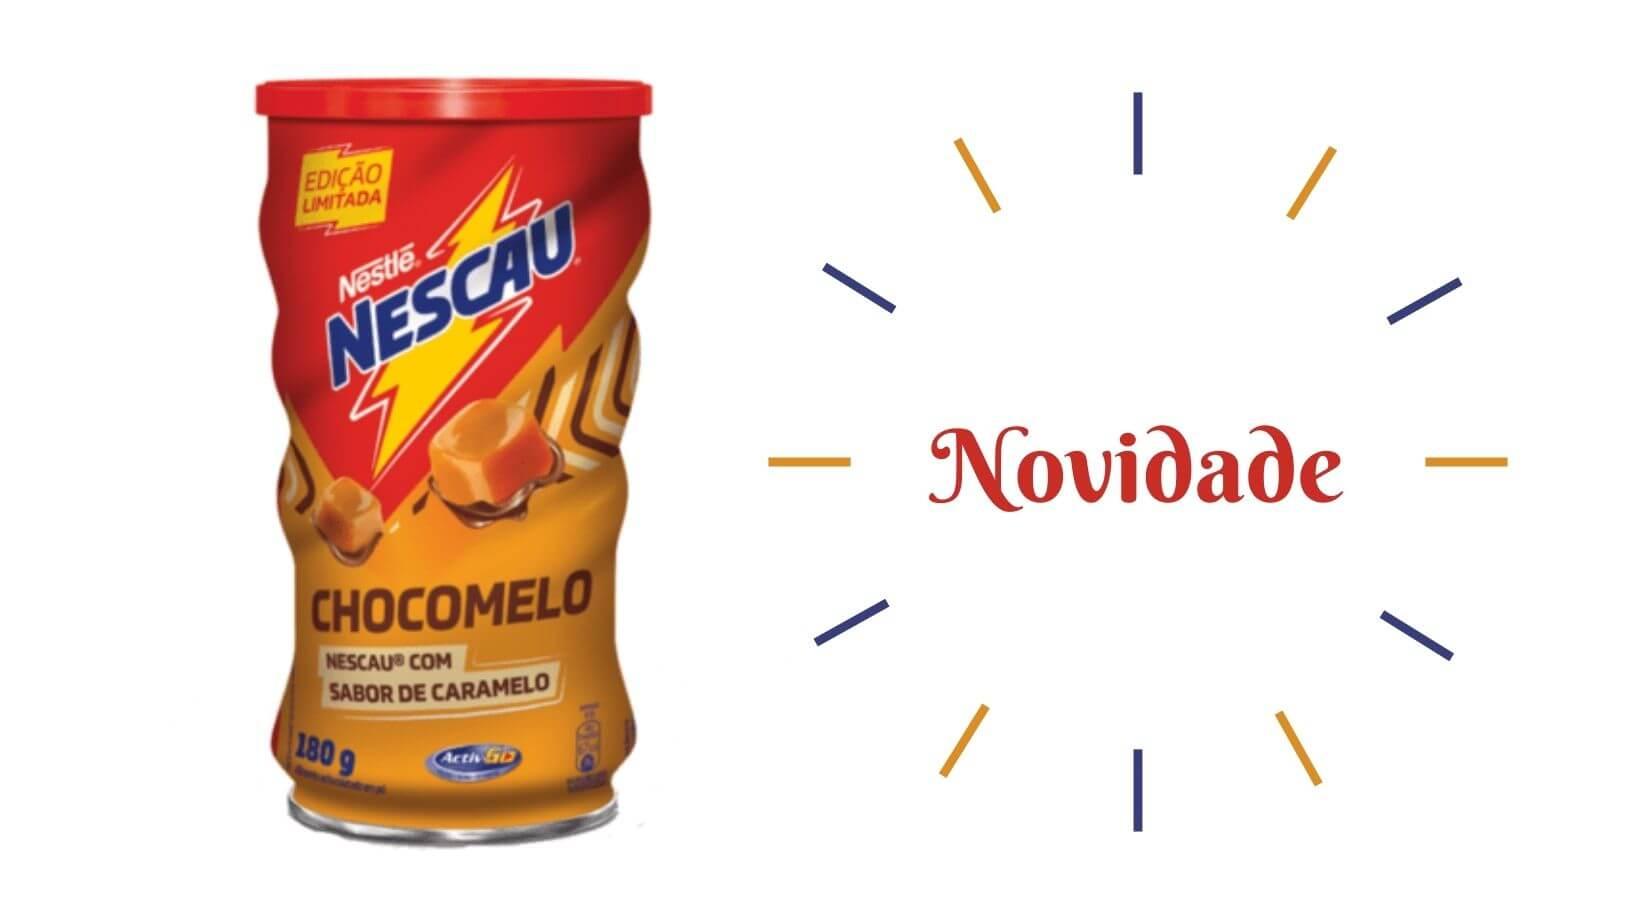 CHOCOMELO: NESCAU COM SABOR DE CARAMELO